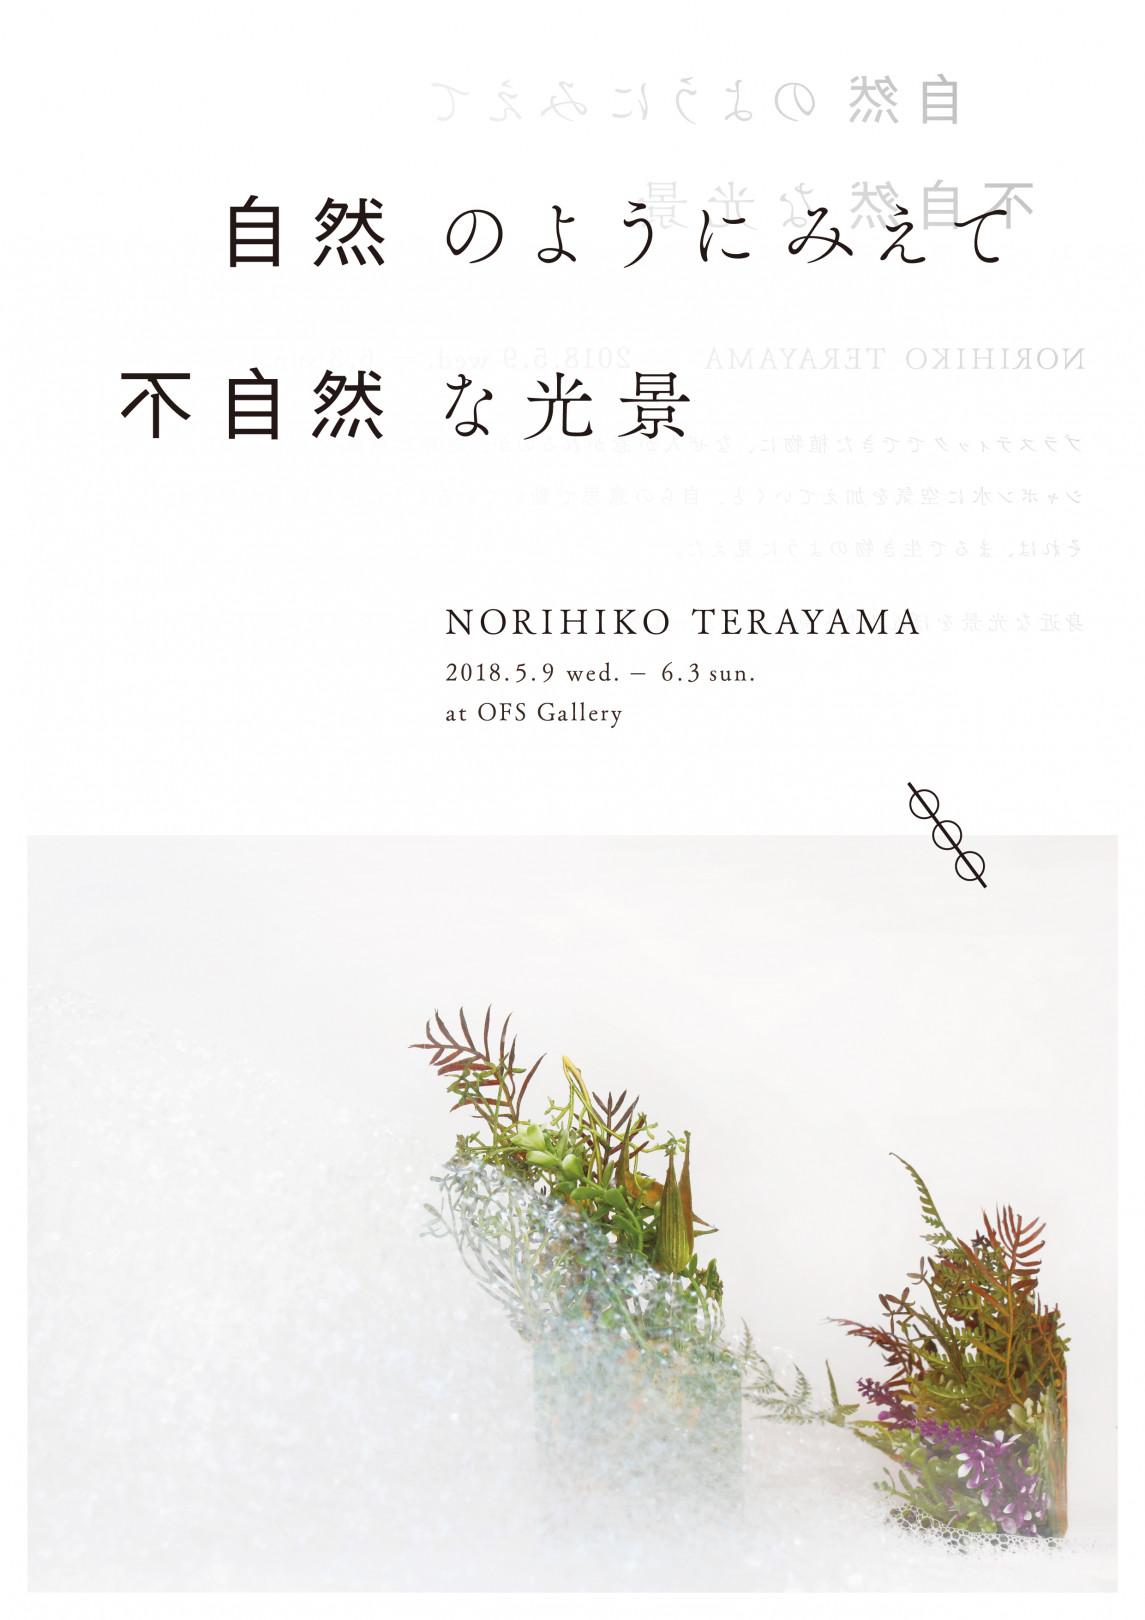 寺山紀彦(NORIHIKO TERAYAMA)、「自然のようにみえて不自然な光景」を白金OFS Galleryにて開催